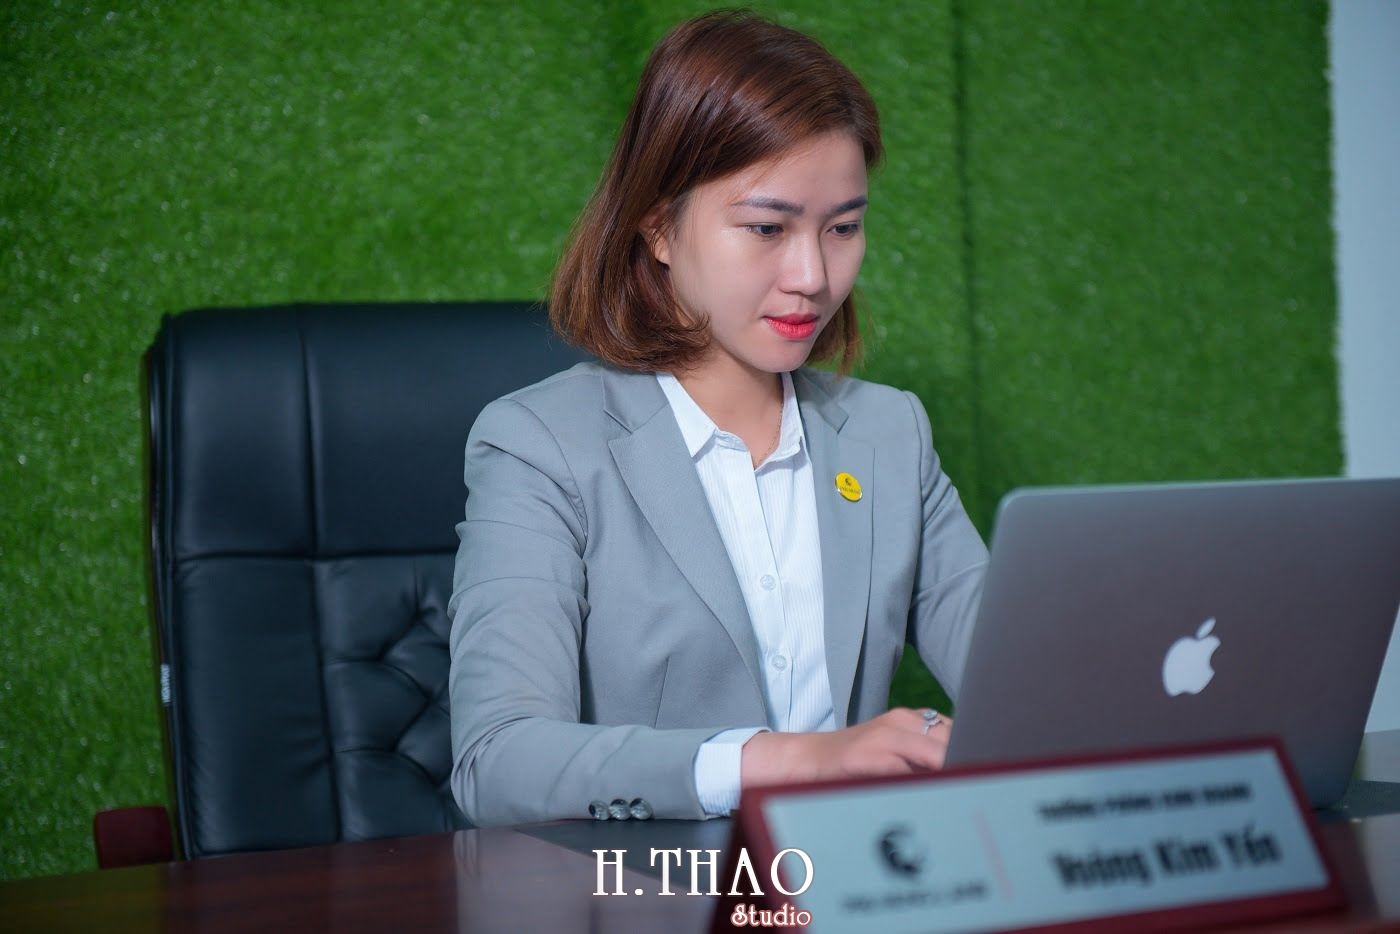 Phu Hung Land 4 - Album ảnh profile nhân sự công ty Phu Hung Land – HThao Studio